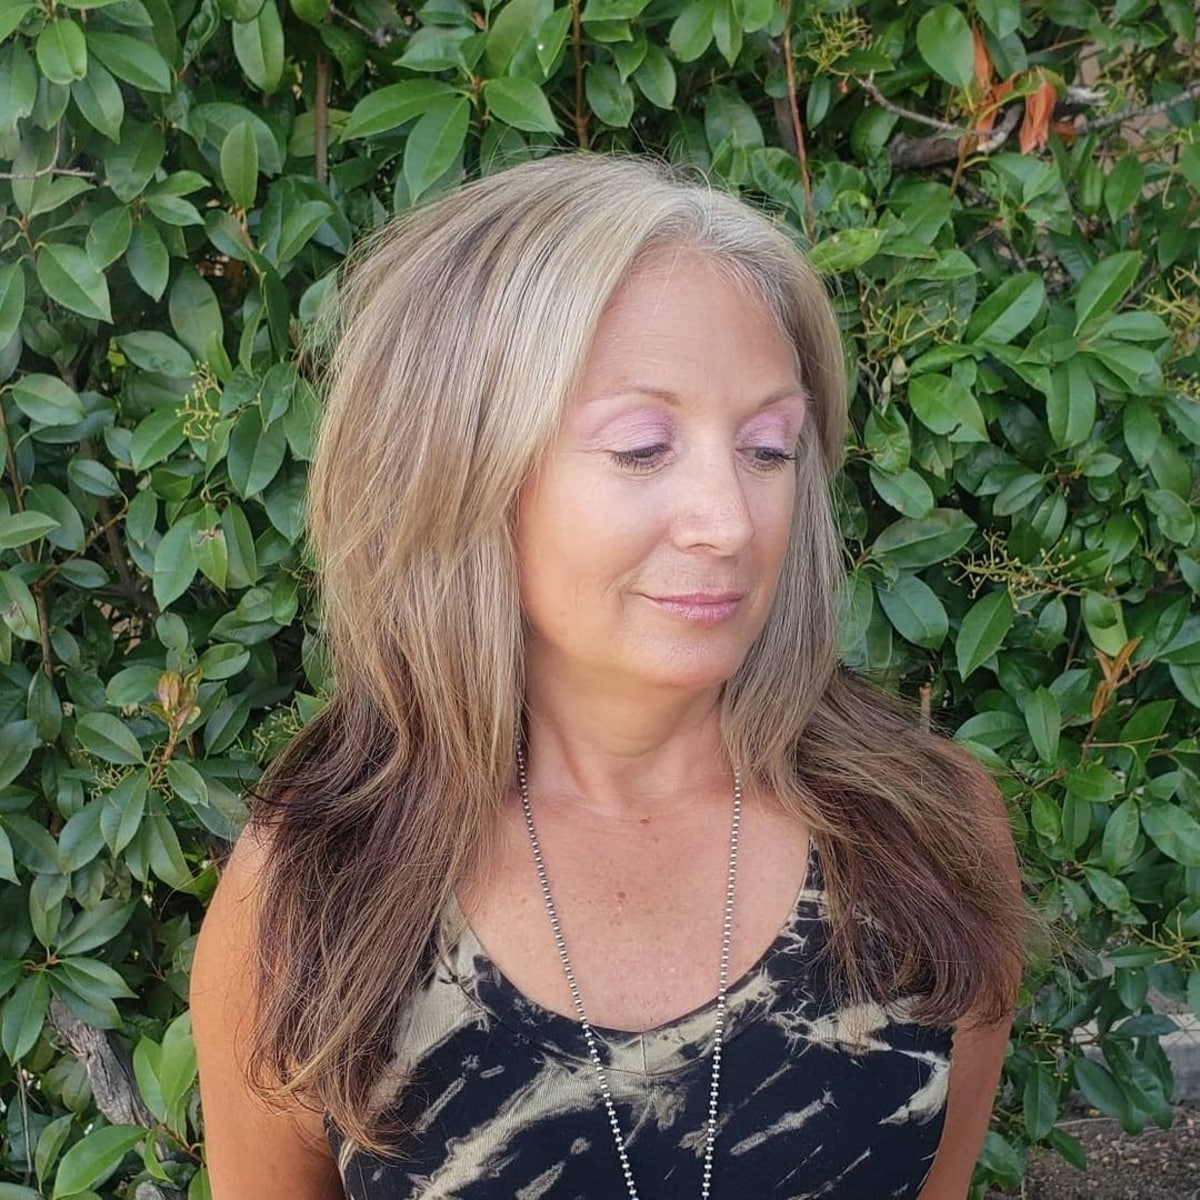 cheveux longs dégradés bruns et gris